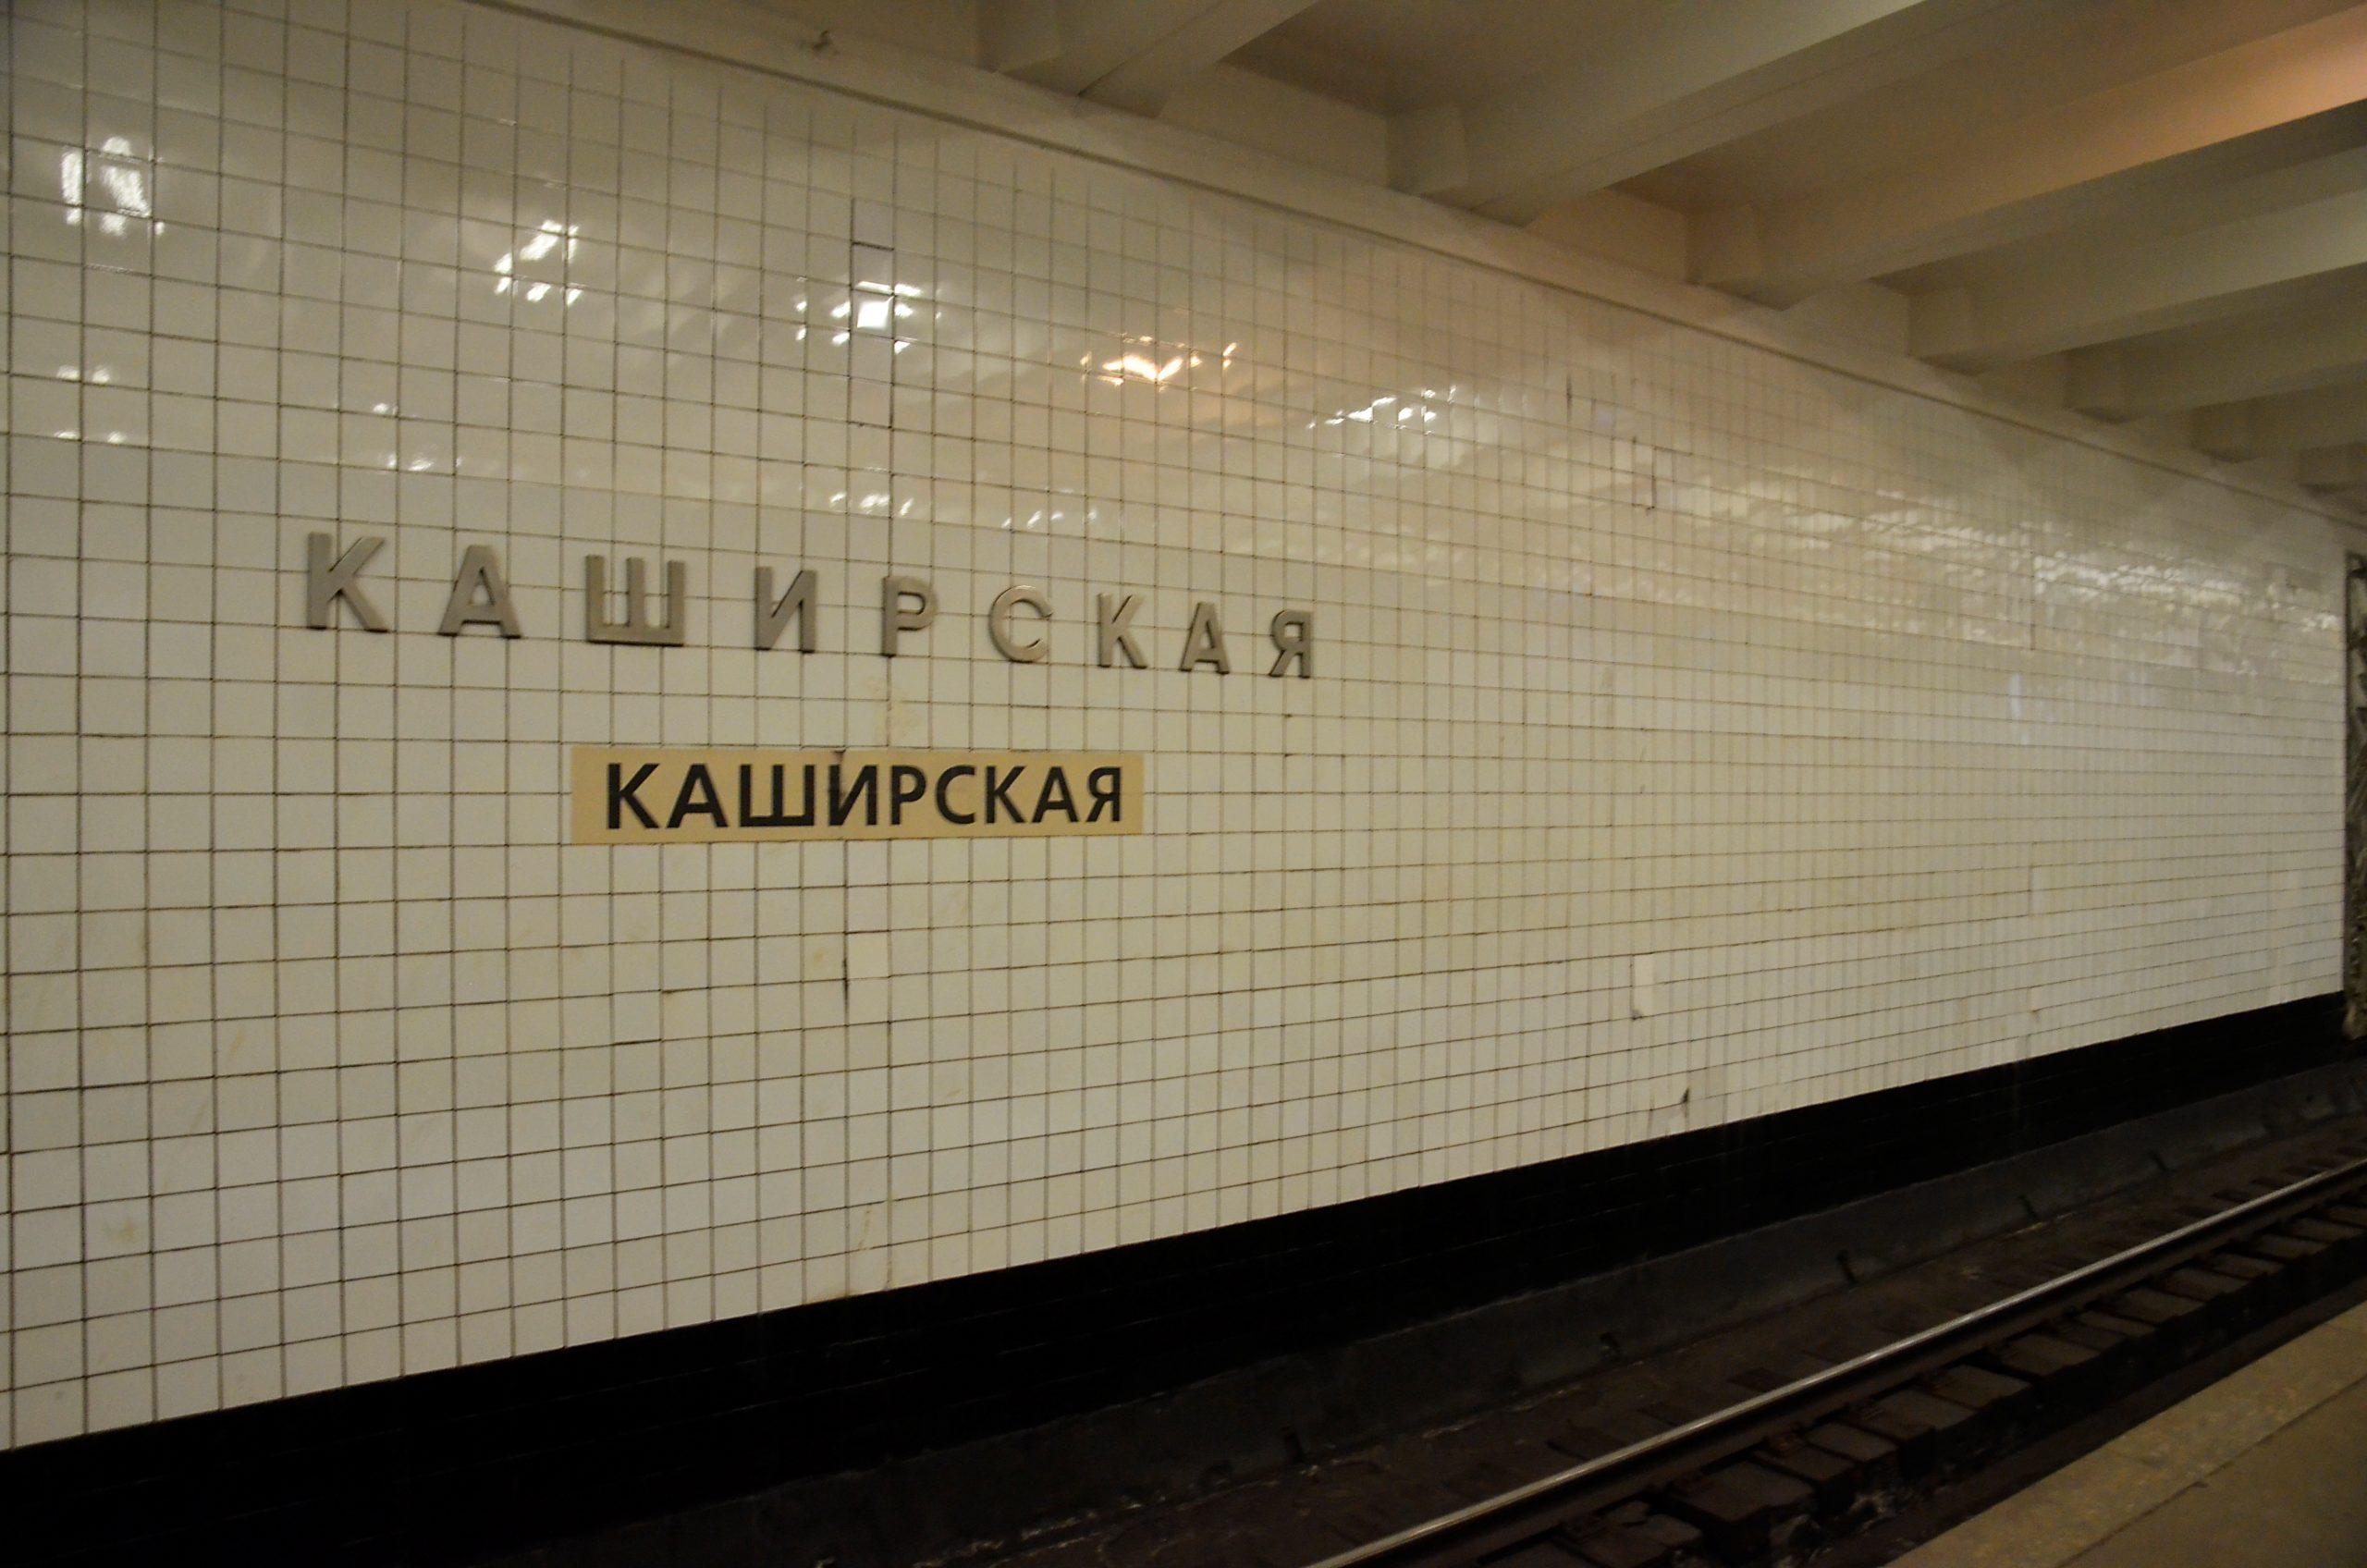 Движение метропоездов возобновится на остановке станции «Каширская»